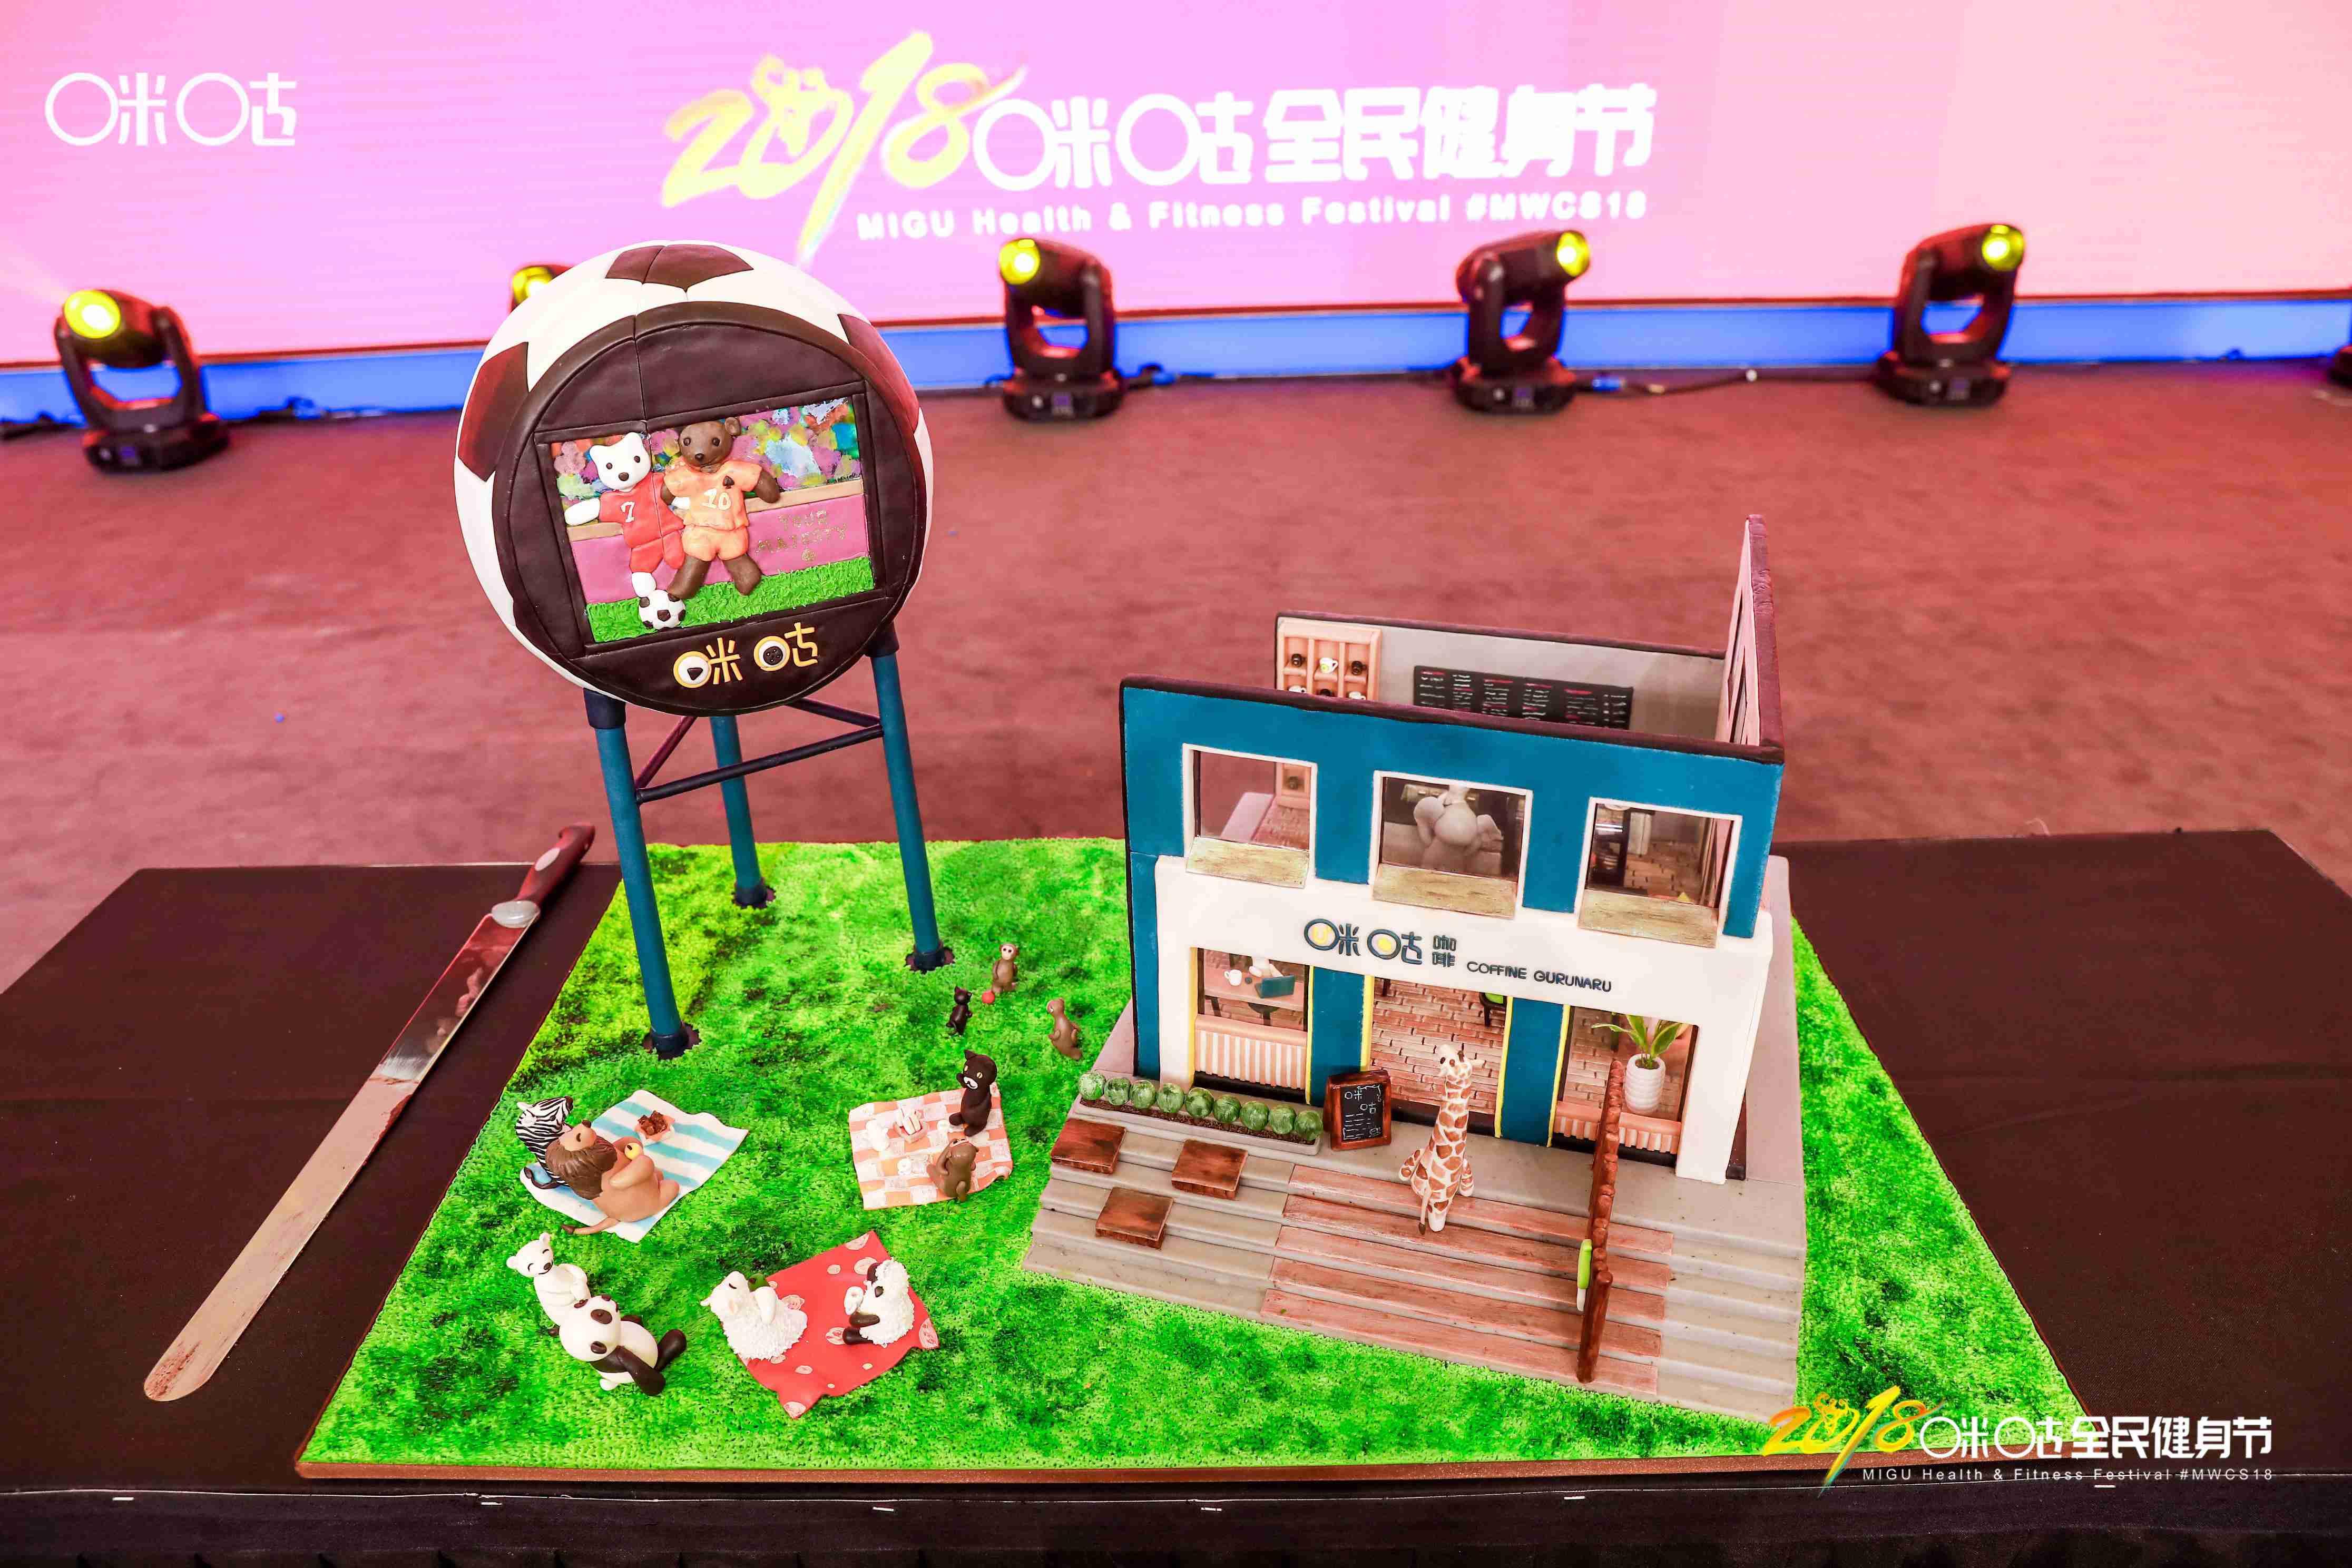 蔡依林携手咪咕咖啡合作蛋糕  咪咕泛娱乐布局再添新码